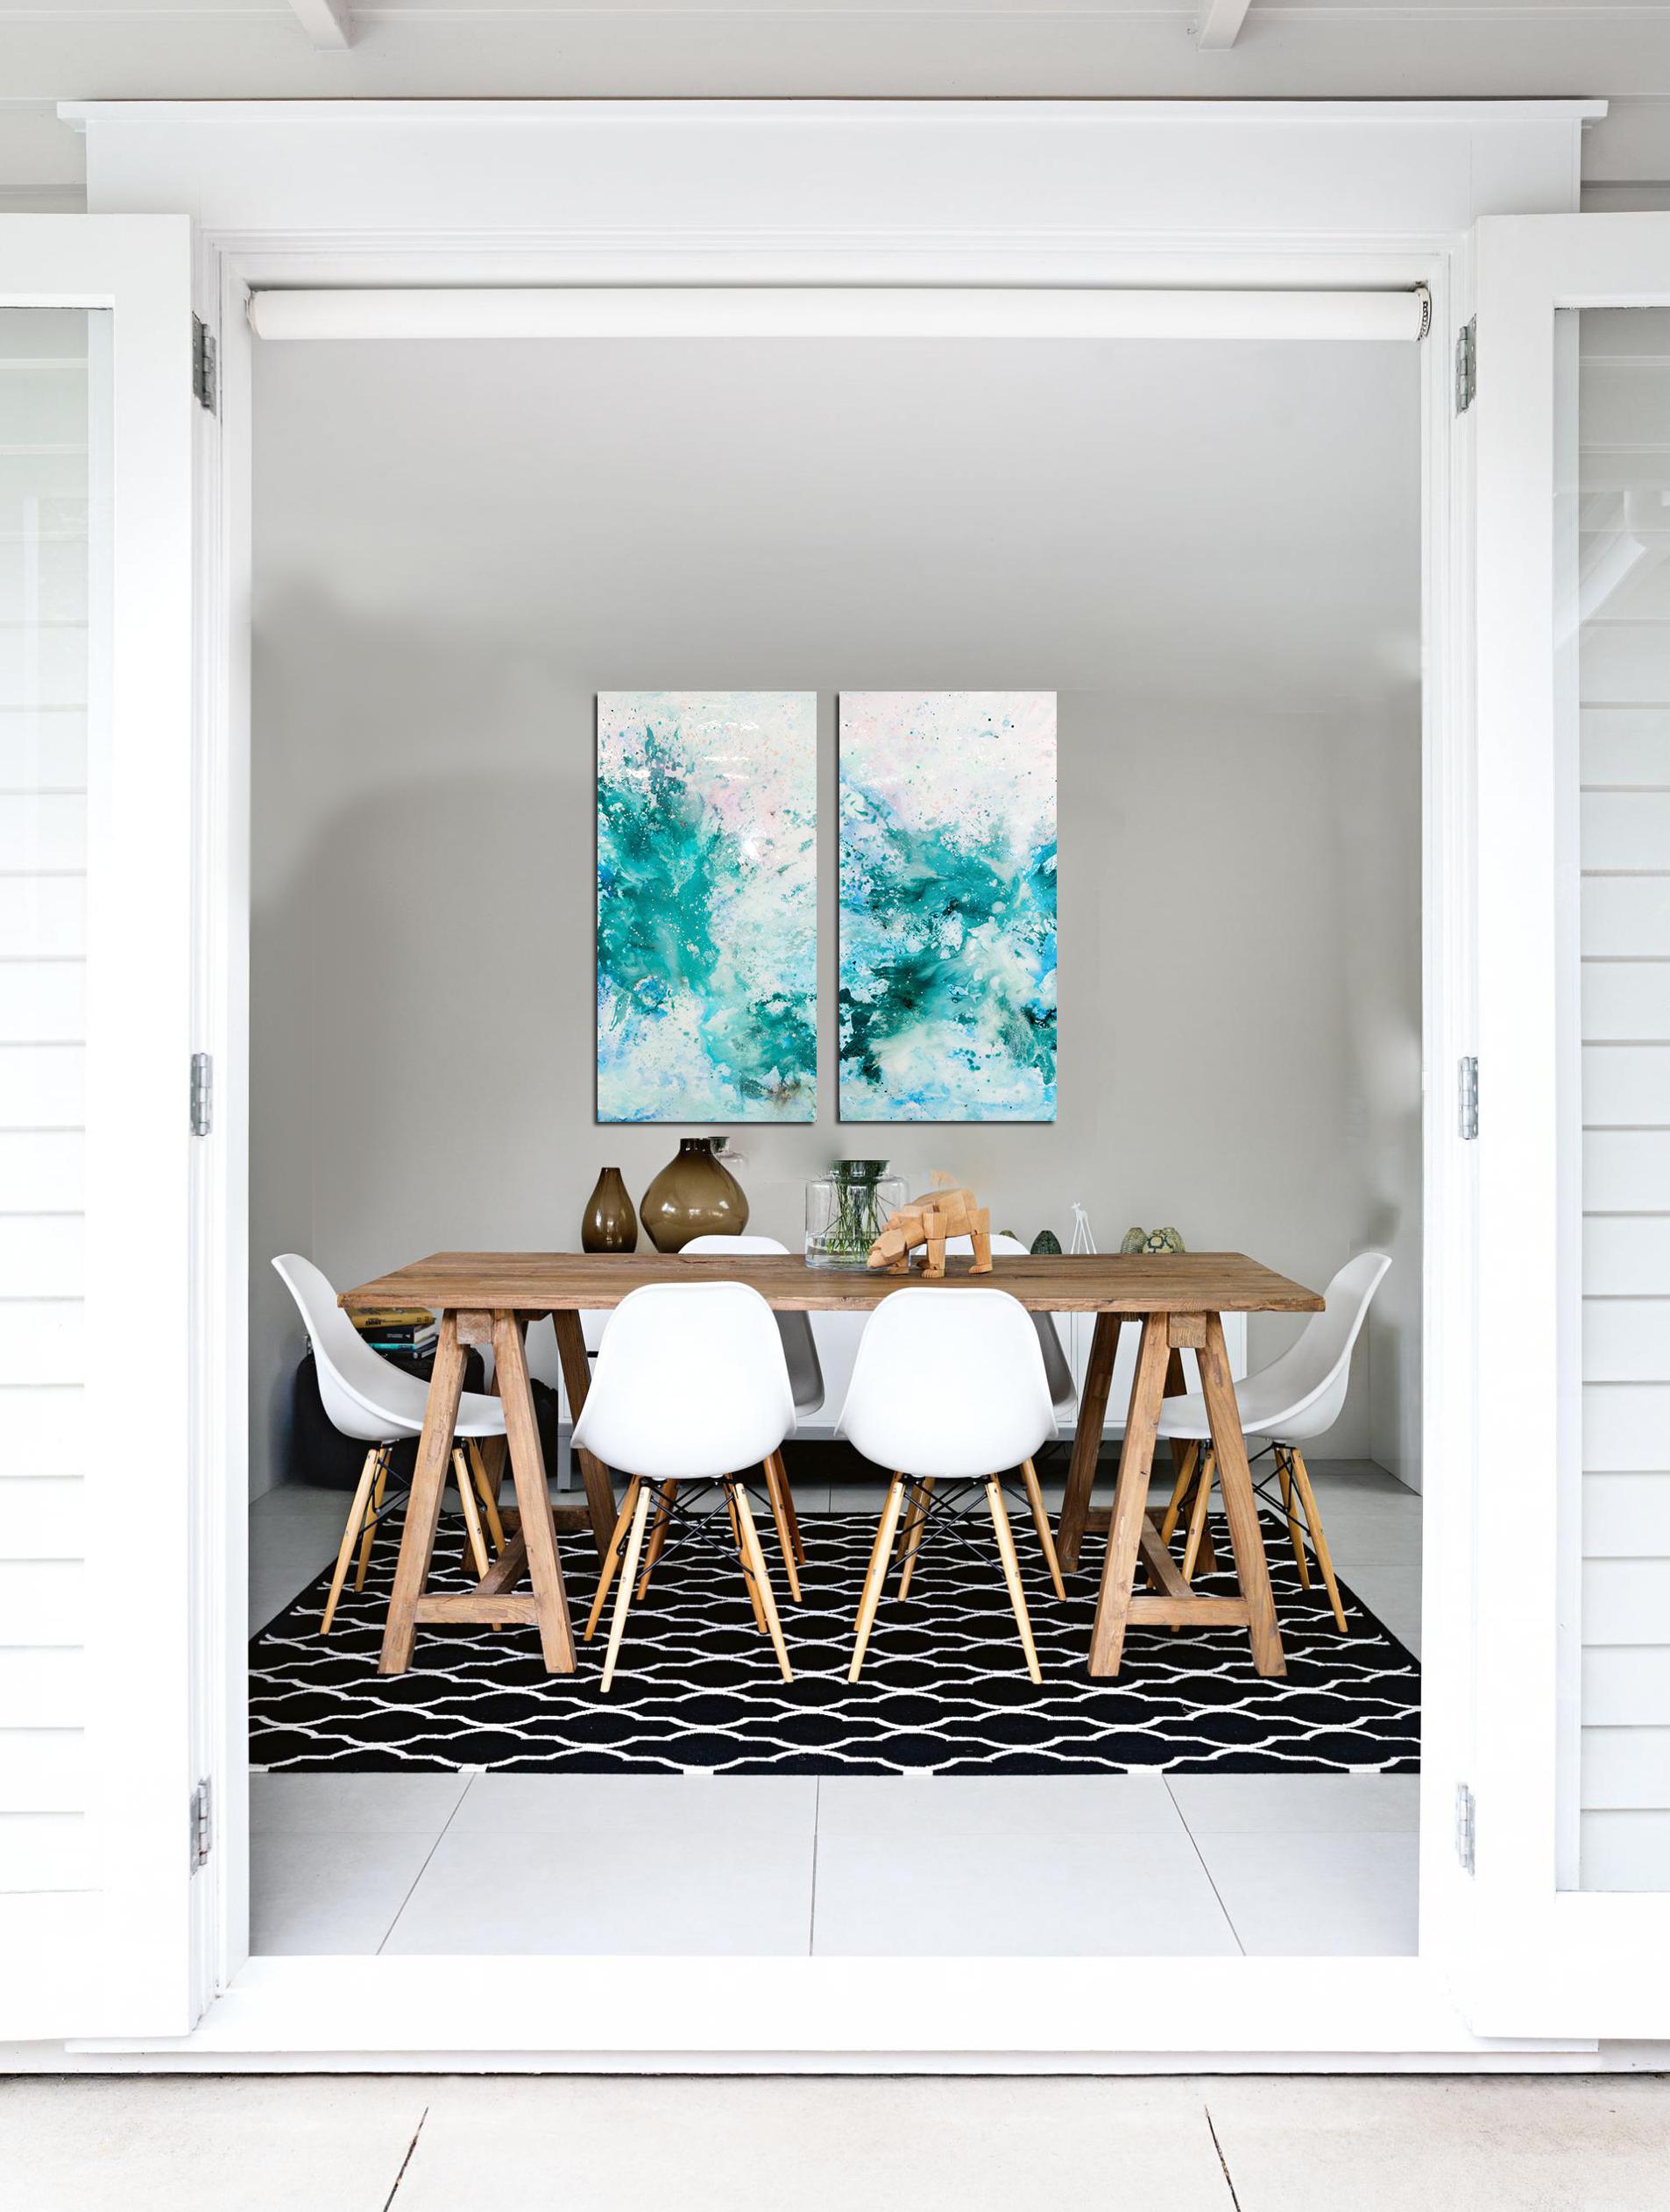 Prehistoic_Dinner Room.jpg